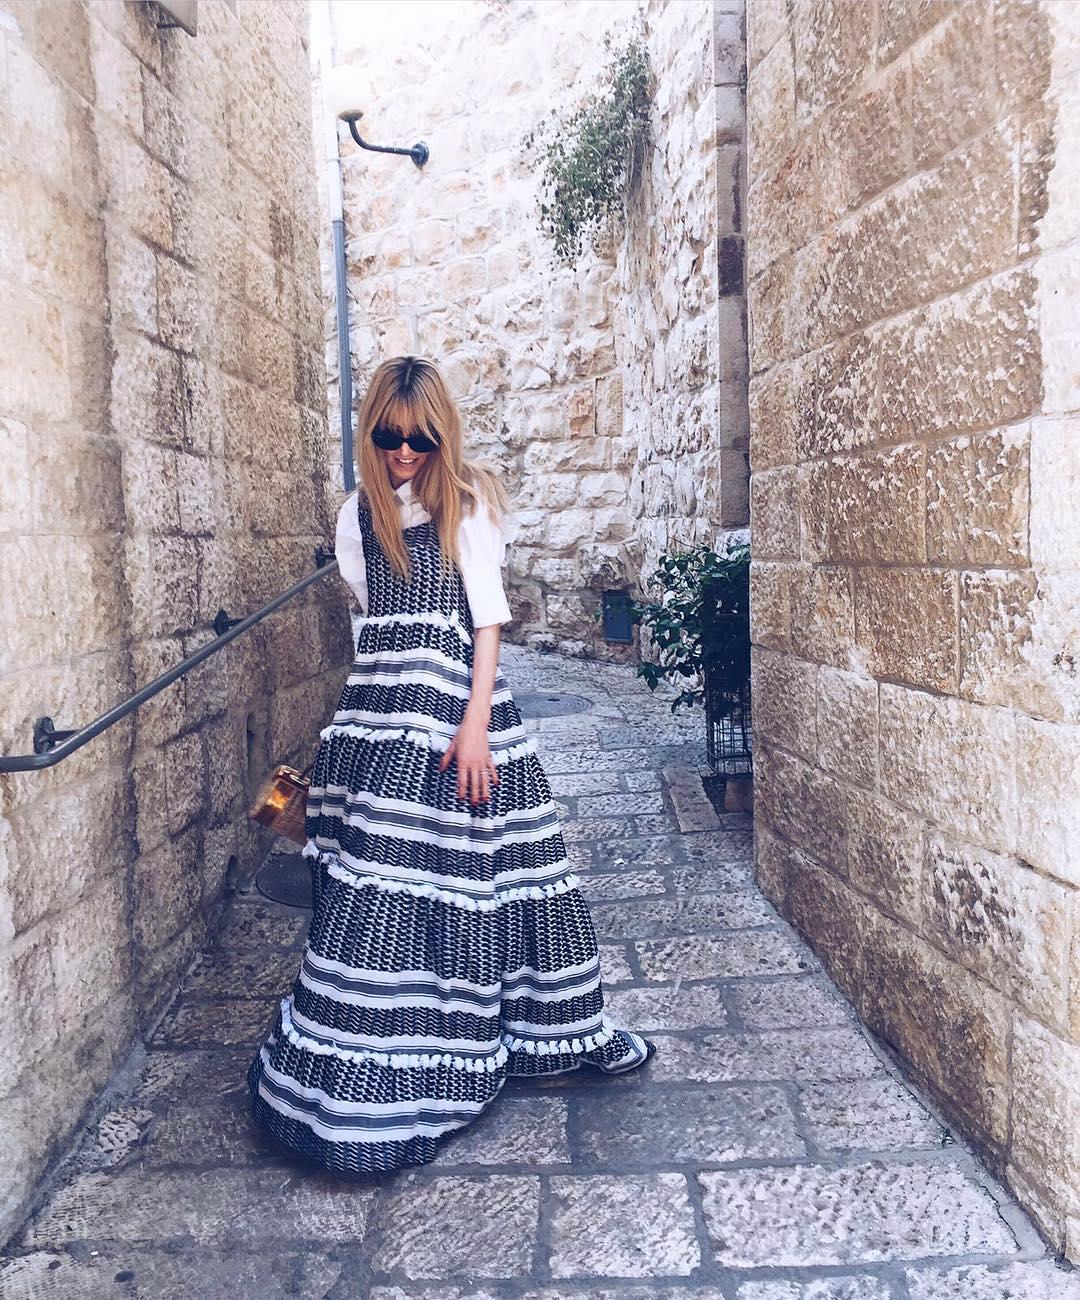 Какво има под роклята или неочаквано добри комбинации